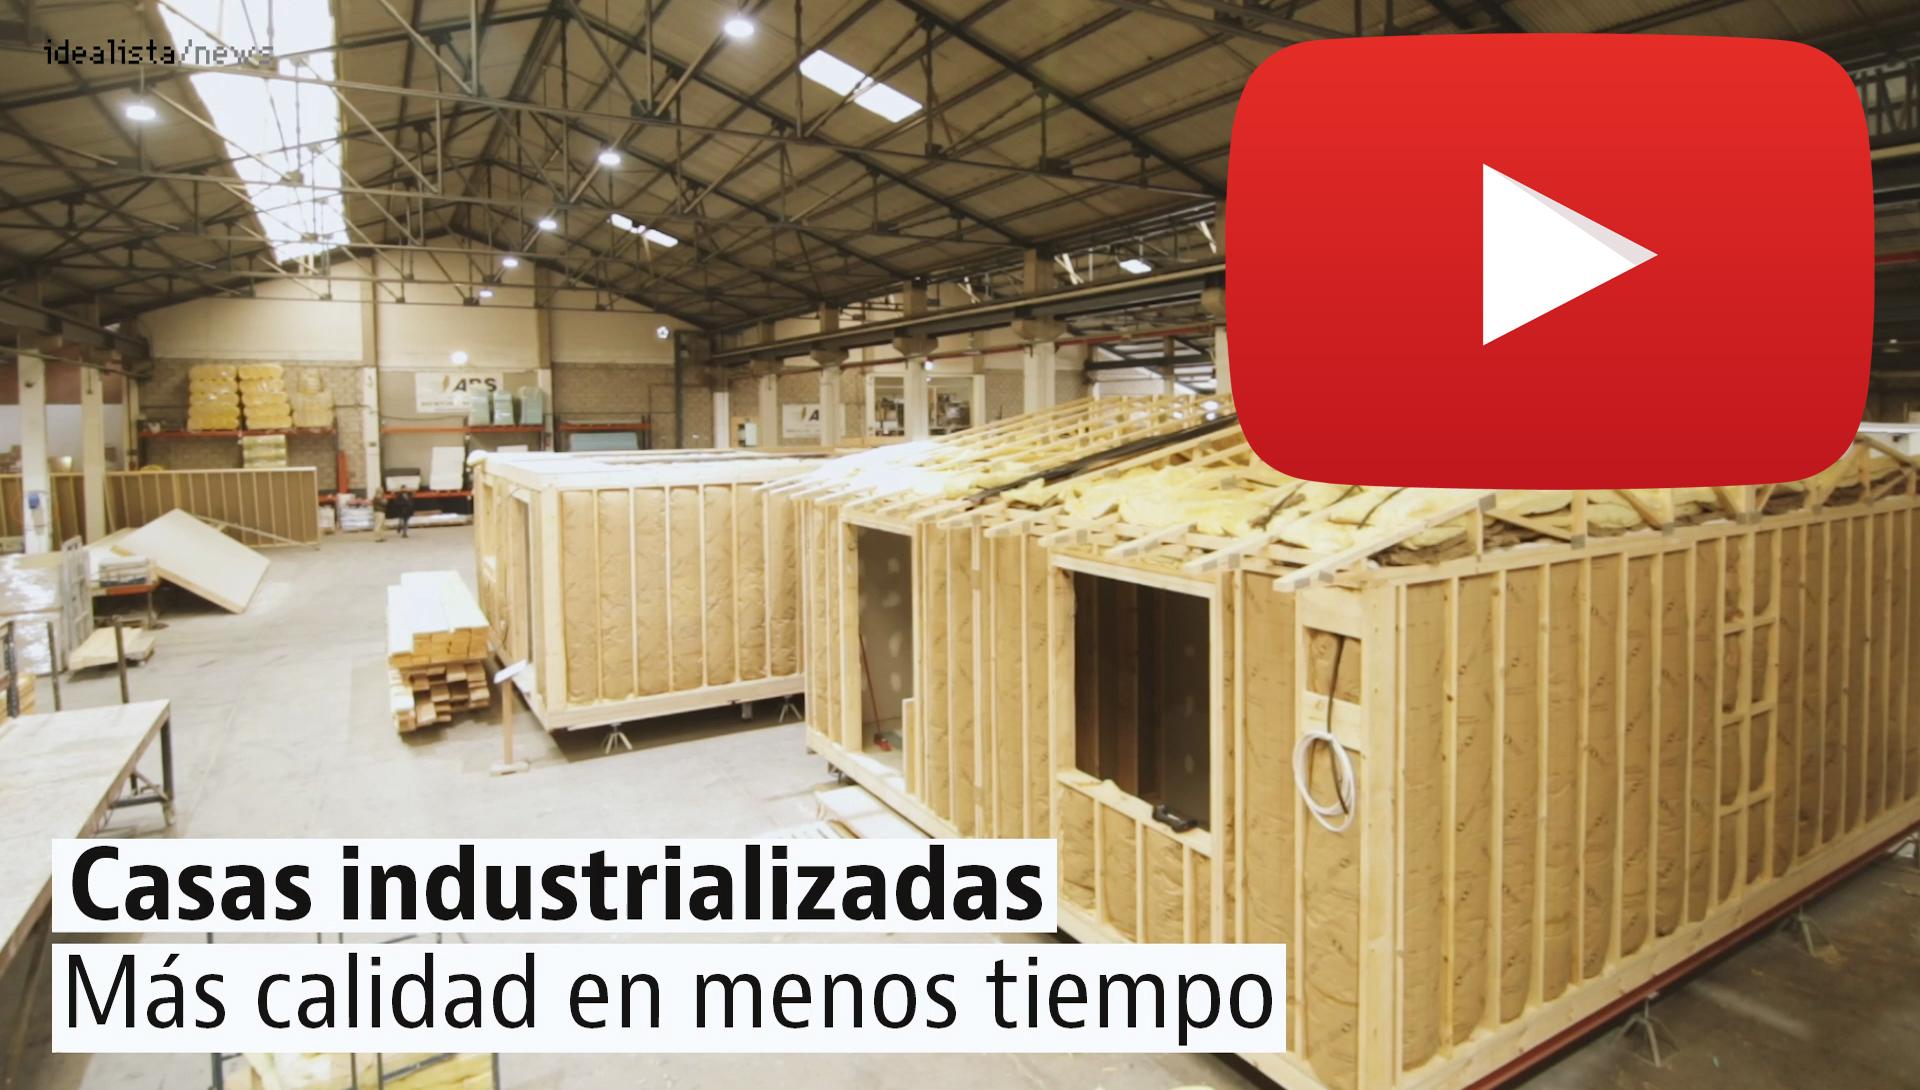 Bienvenido a la fábrica de casas: así se construyen las viviendas prefabricadas